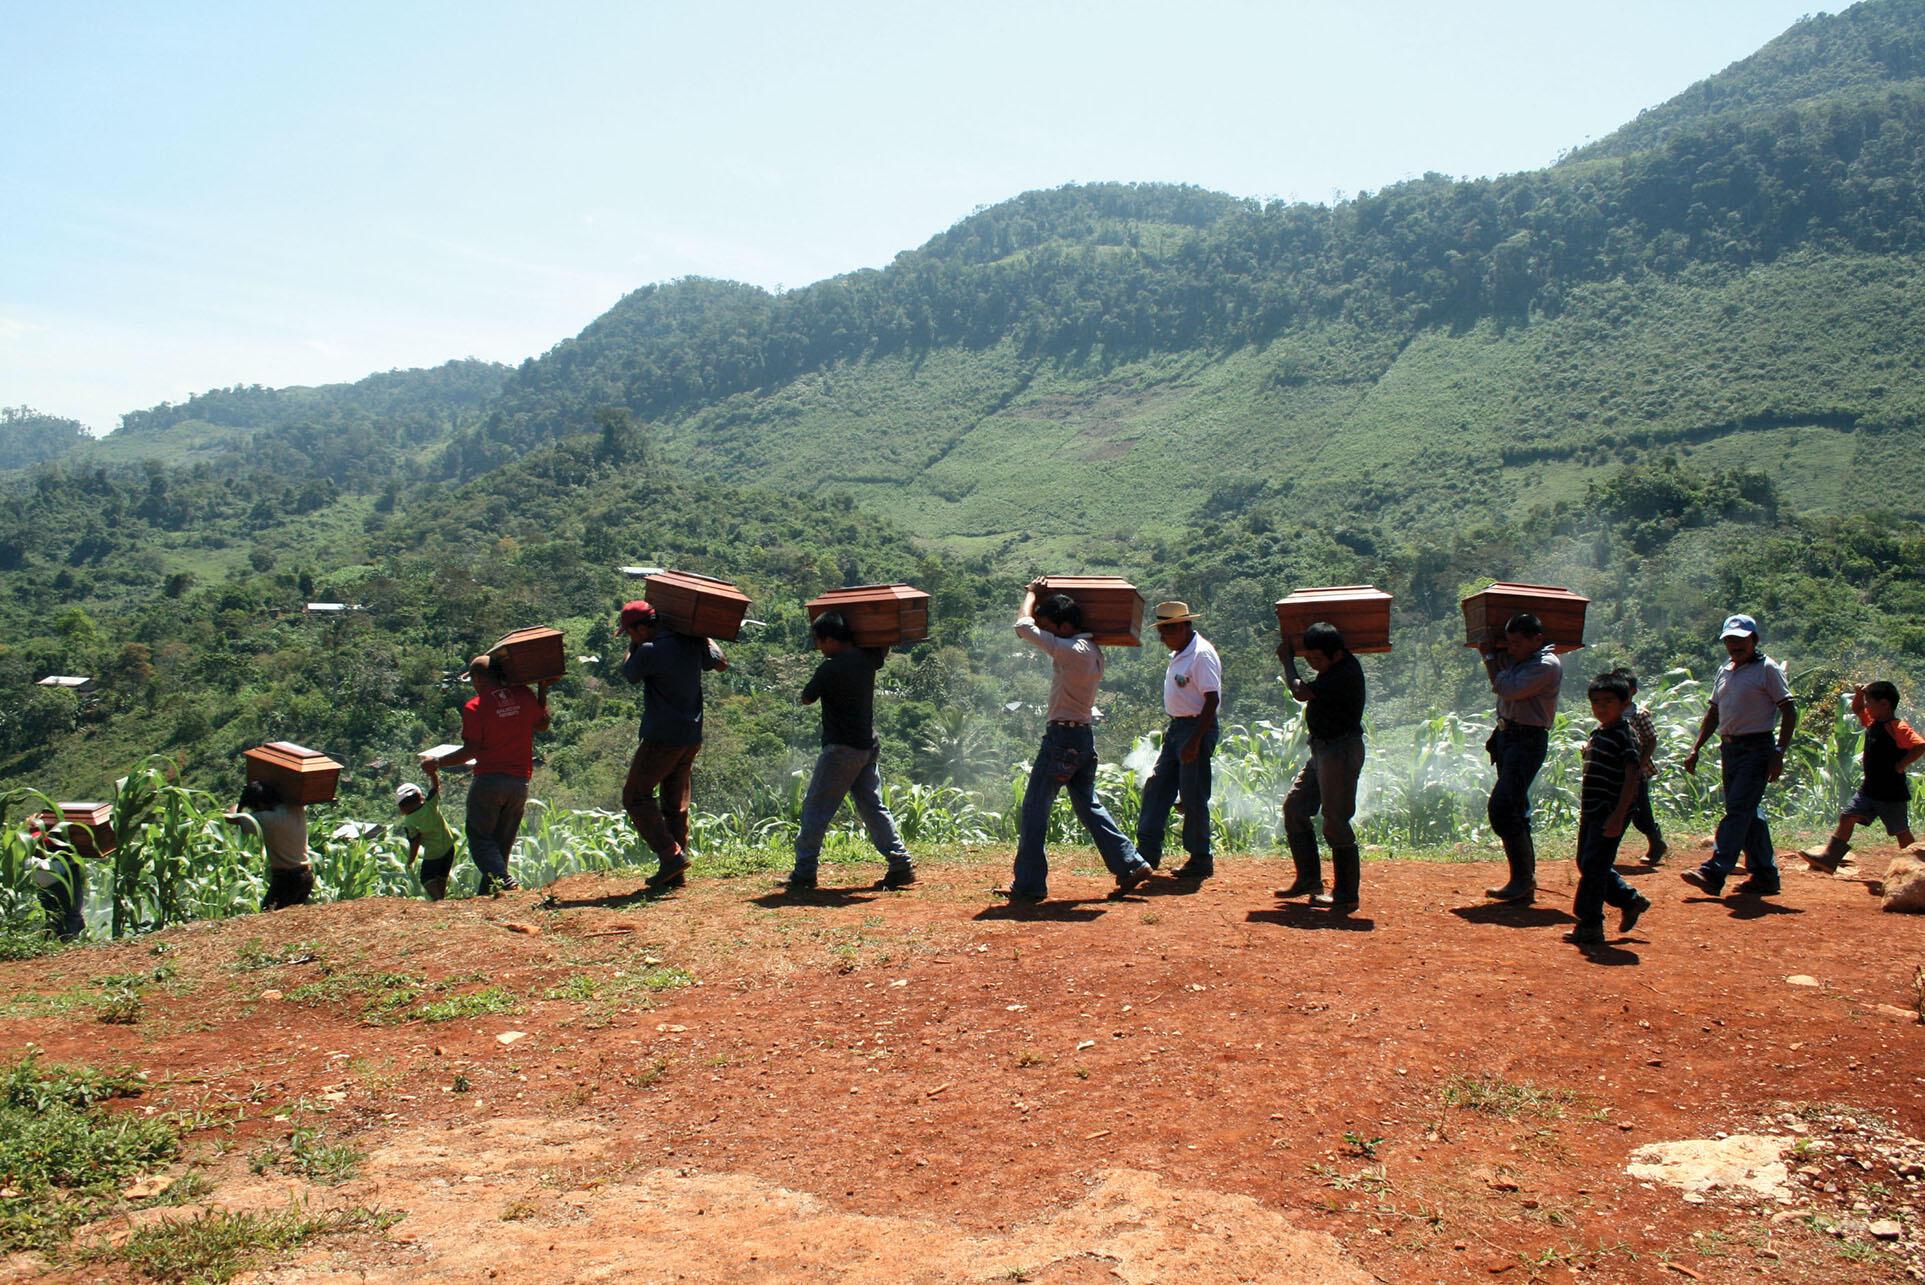 Inhumación de restos óseos recuperados en la aldea Cambayal, municipio de San Pedro Carchá, Alta Verapaz Guatemala, febrero de 2012. (Foto cortesía del Centro de Antropología Forense y Ciencias Aplicadas (CAFCA).)